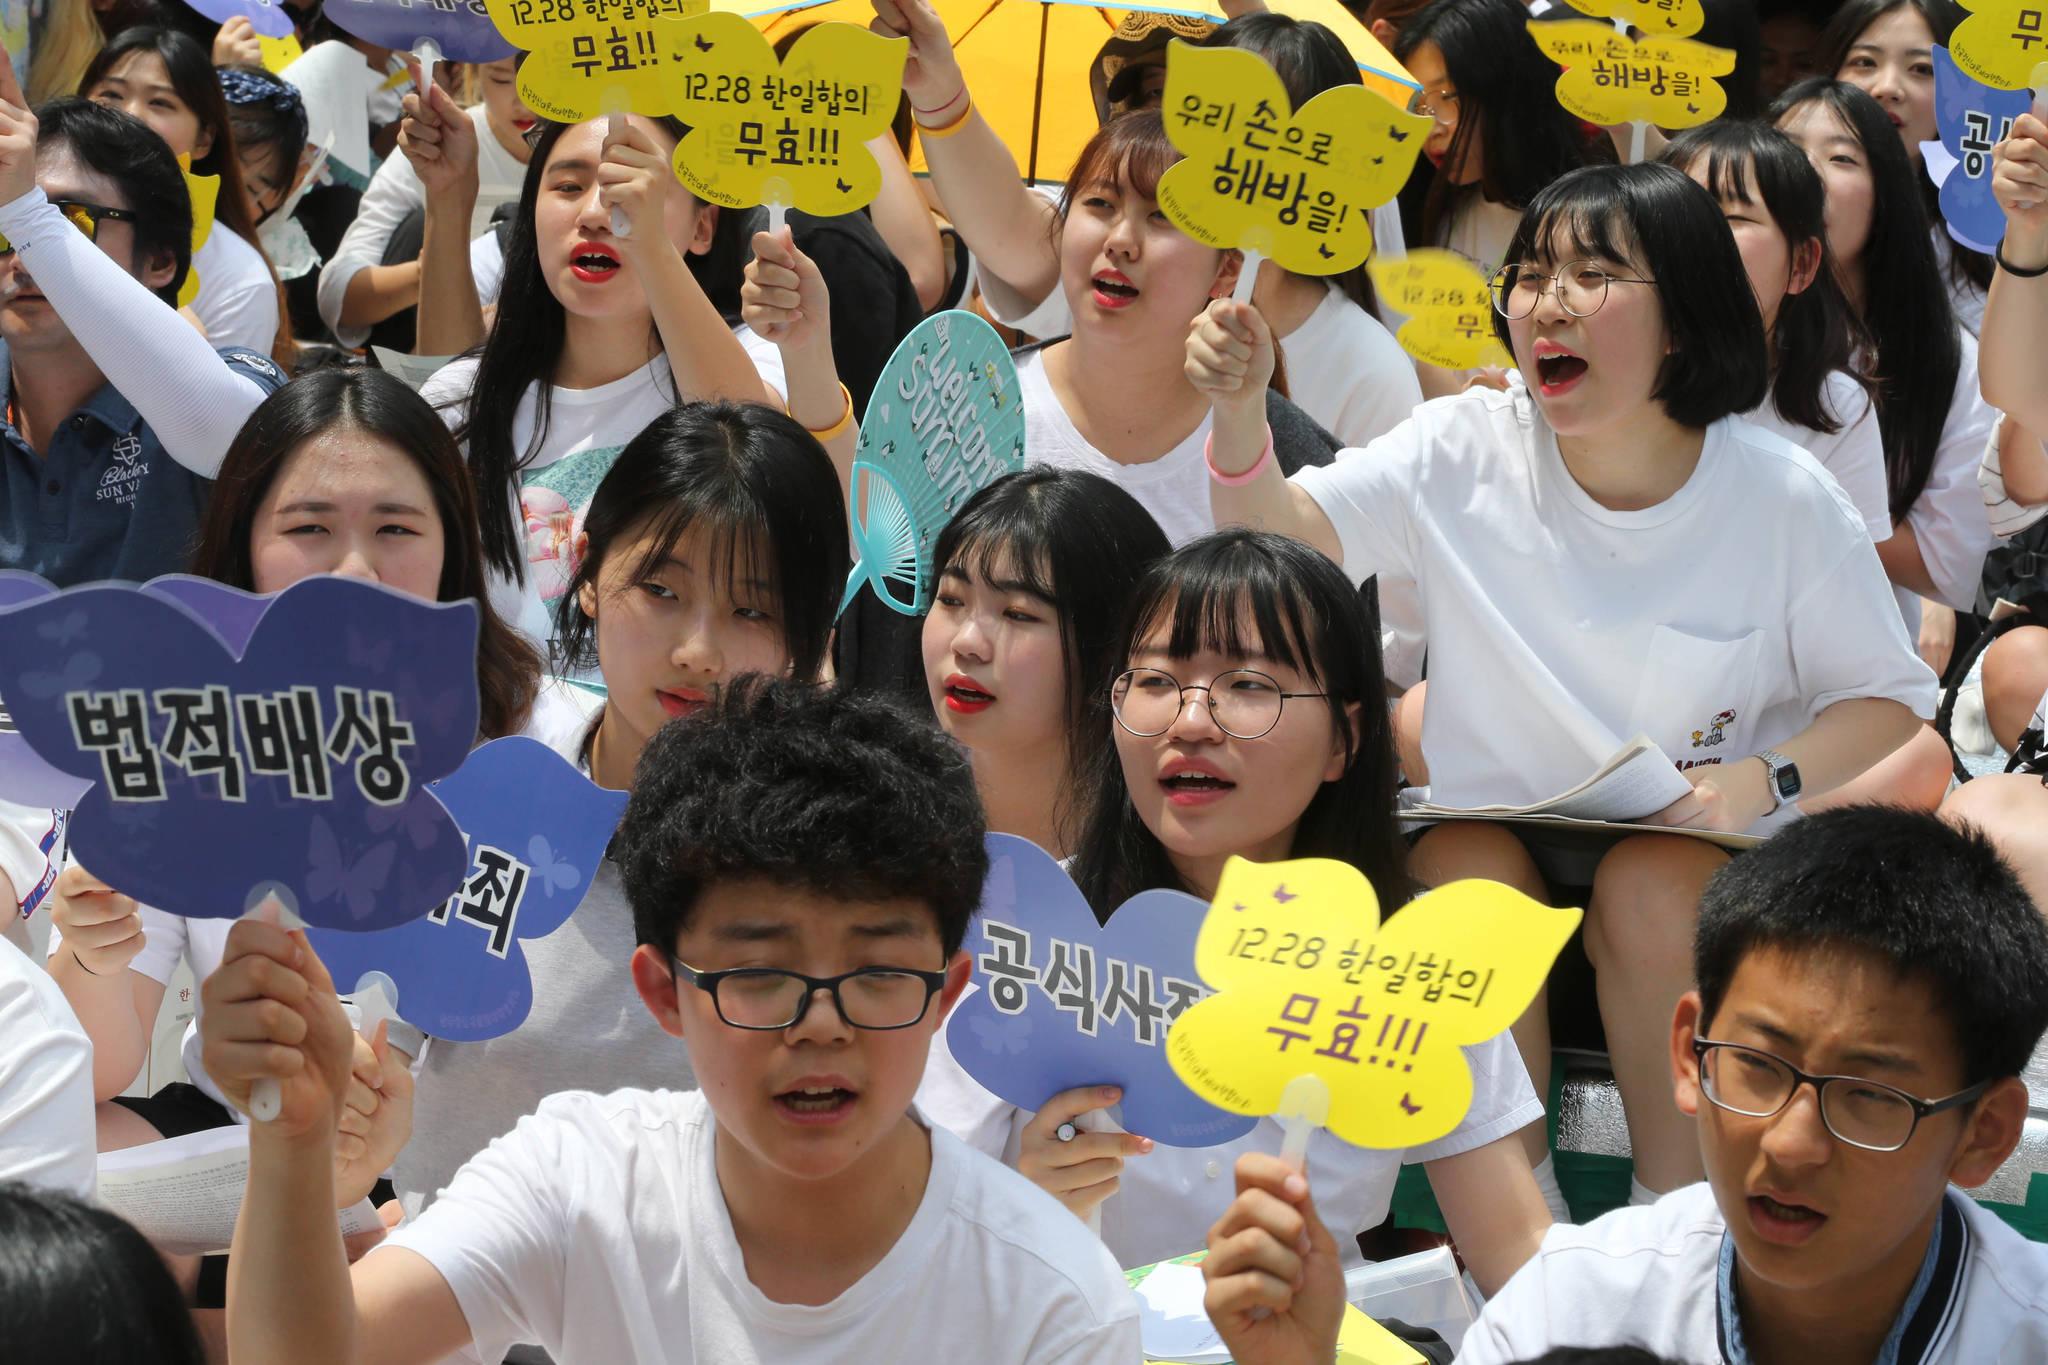 한국정신대문제대책협의가 주최한 1292차 수요집회가 서울 종로구 주한 일본대사관 앞에서 열렸다. 행사에 참가한 학생들이 구호를 외치고 있다. 신인섭 기자